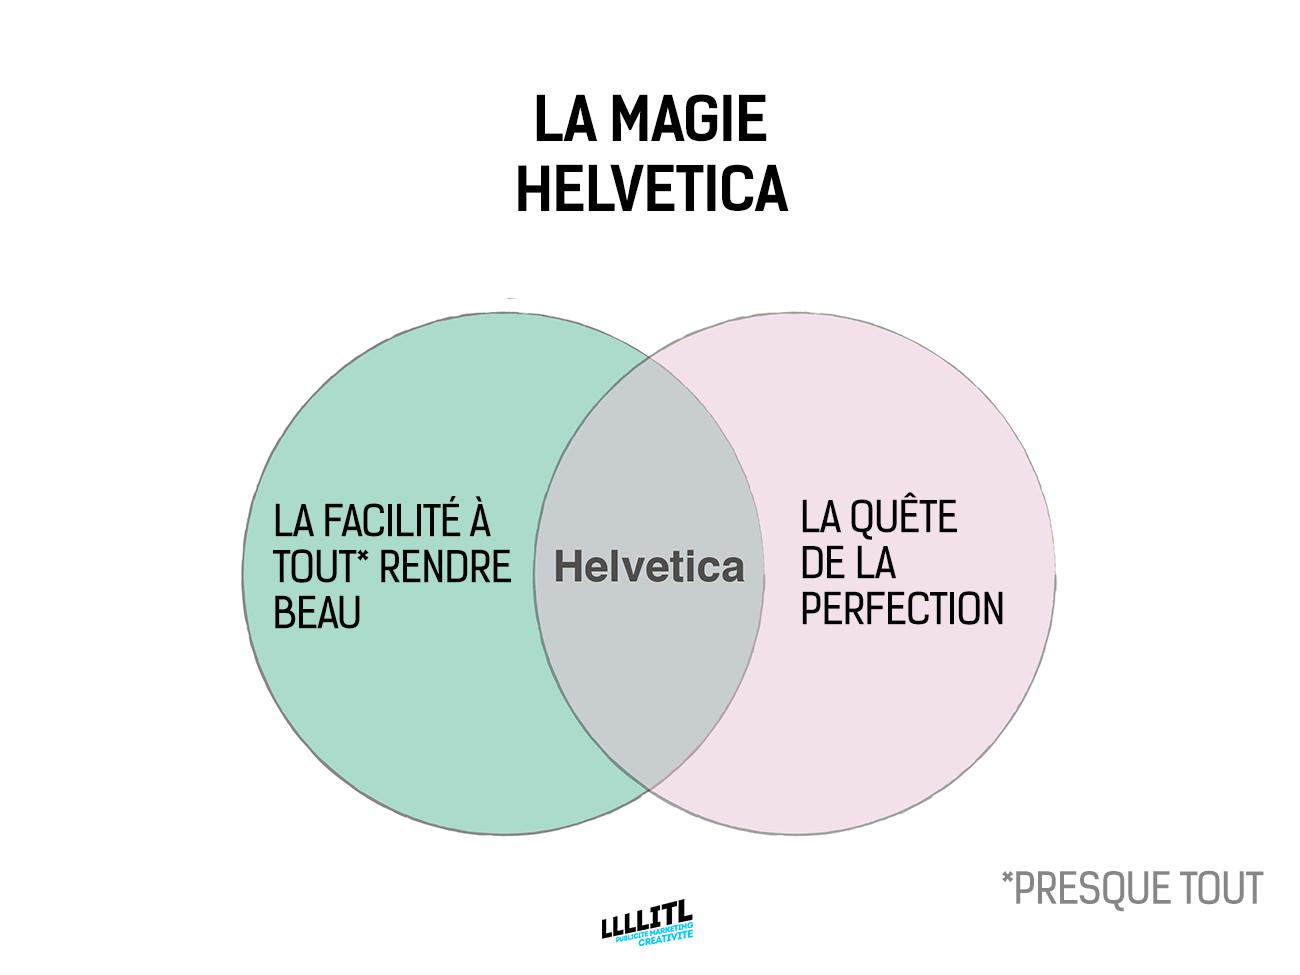 directeur-artistique-graphiste-creatif-caricature-problemes-graphiques-agence-publicite-4